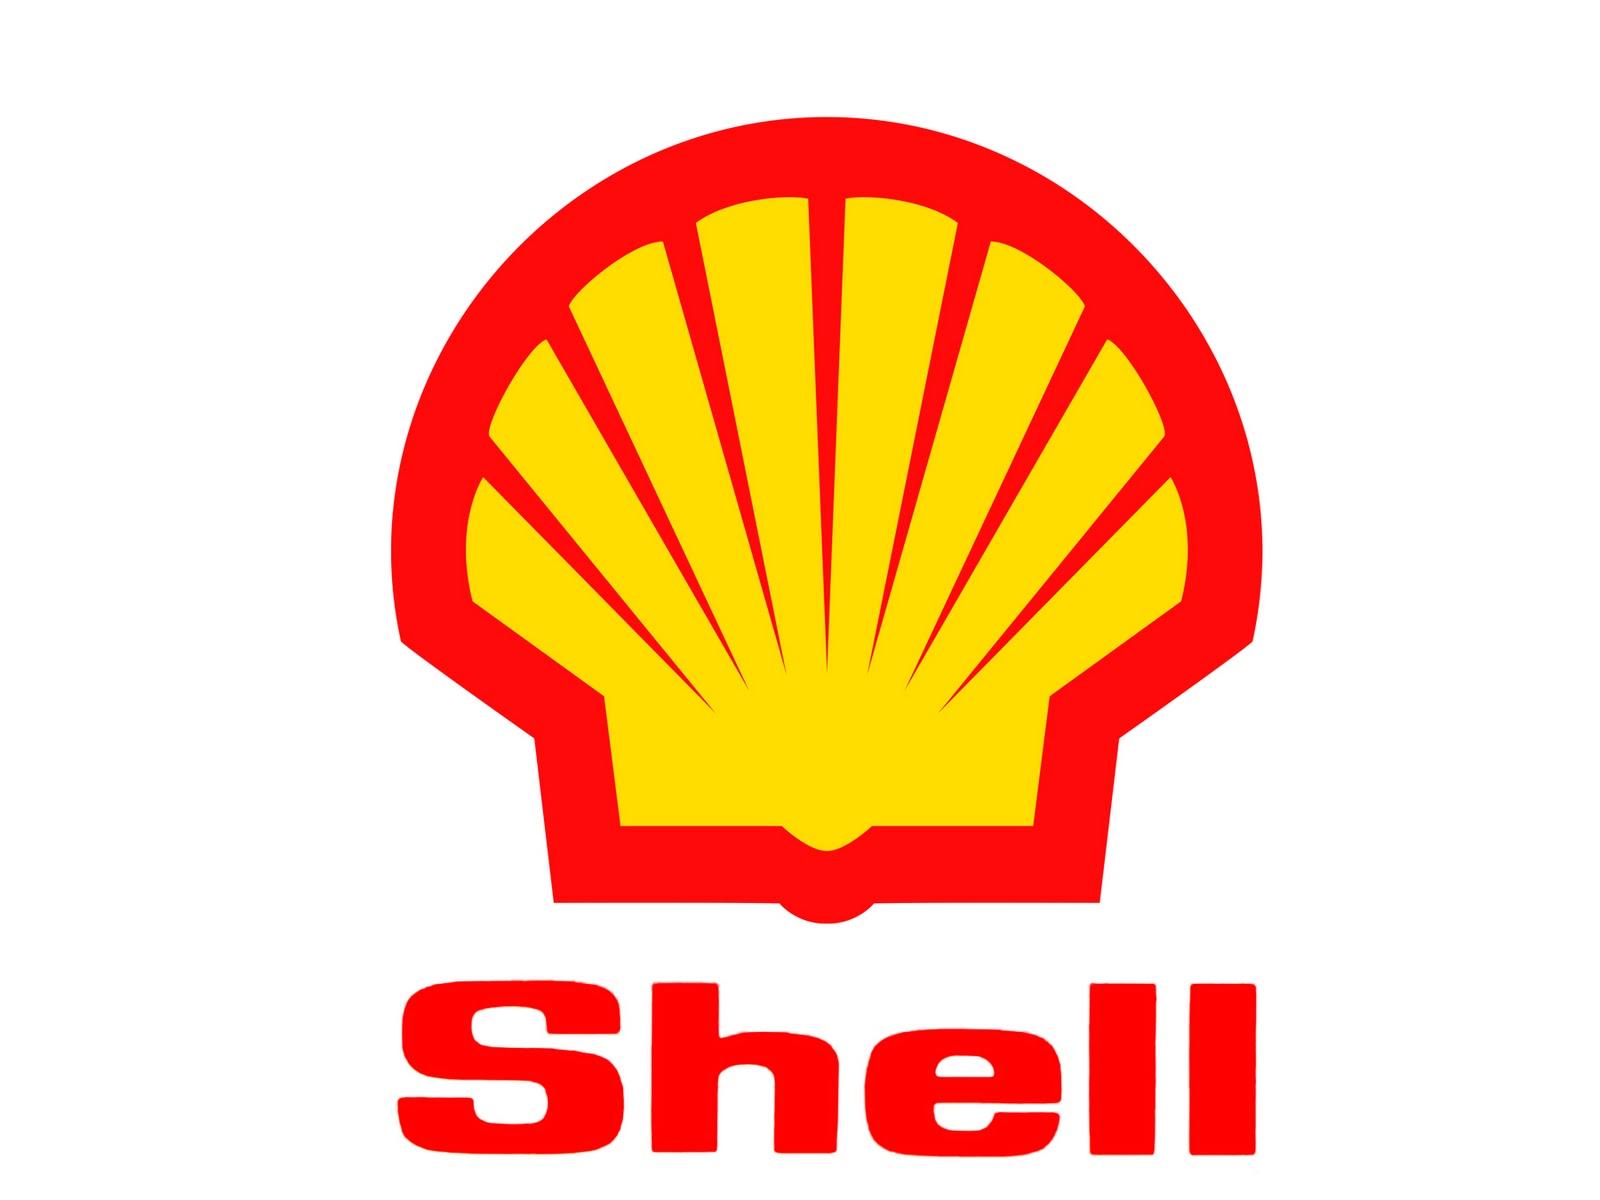 shell-oil-logo.jpg